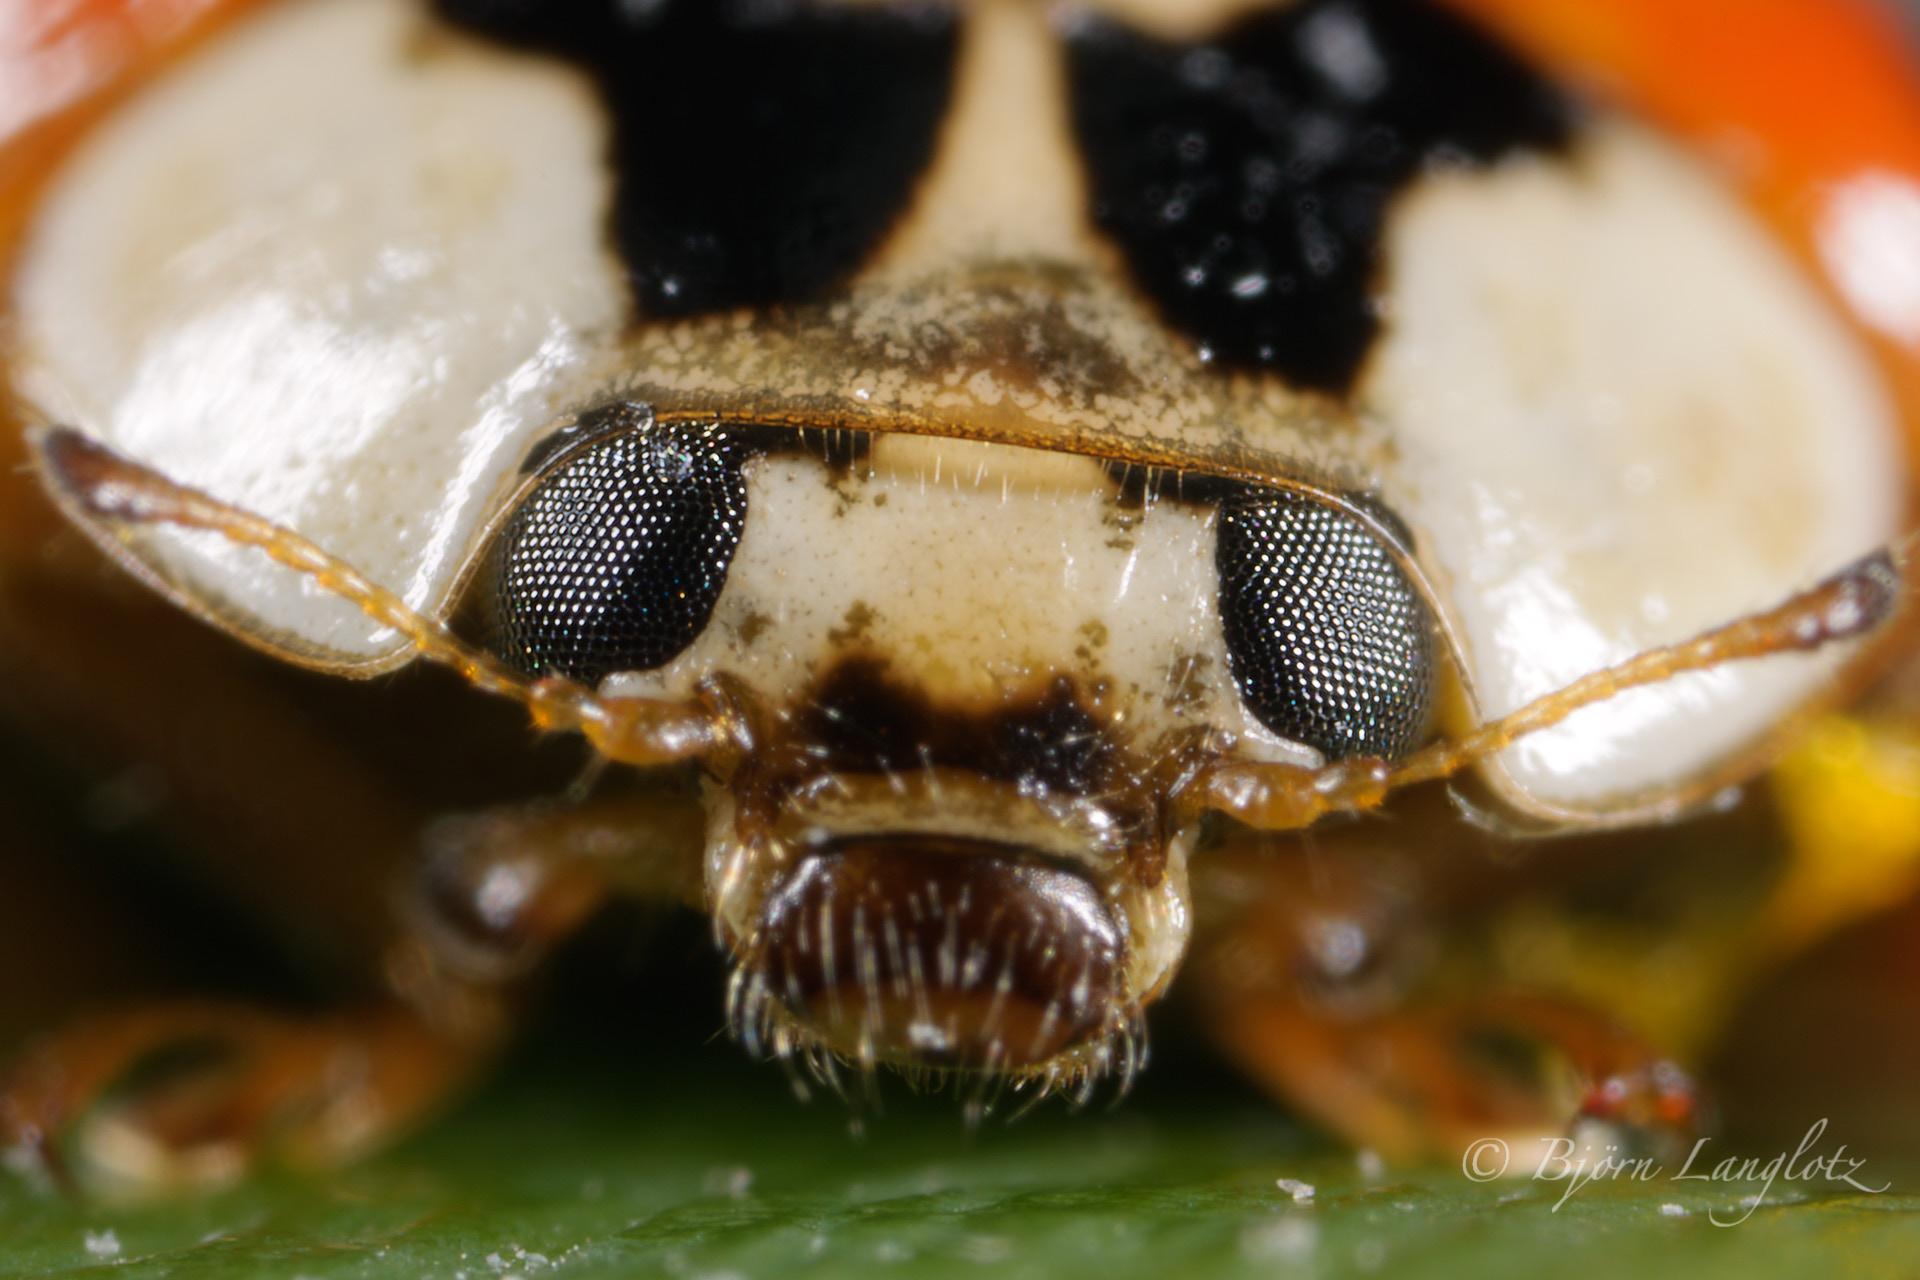 Portrait eines Asiatischen Marienkäfers (Harmonia axyridis) mit 14,5-facher Vergrößerung (Abbildungsmaßstab 14,5:1)Kamera: NIKON D3X Leica Photoar II 25 mm1/60 s bei Blende f/4.5